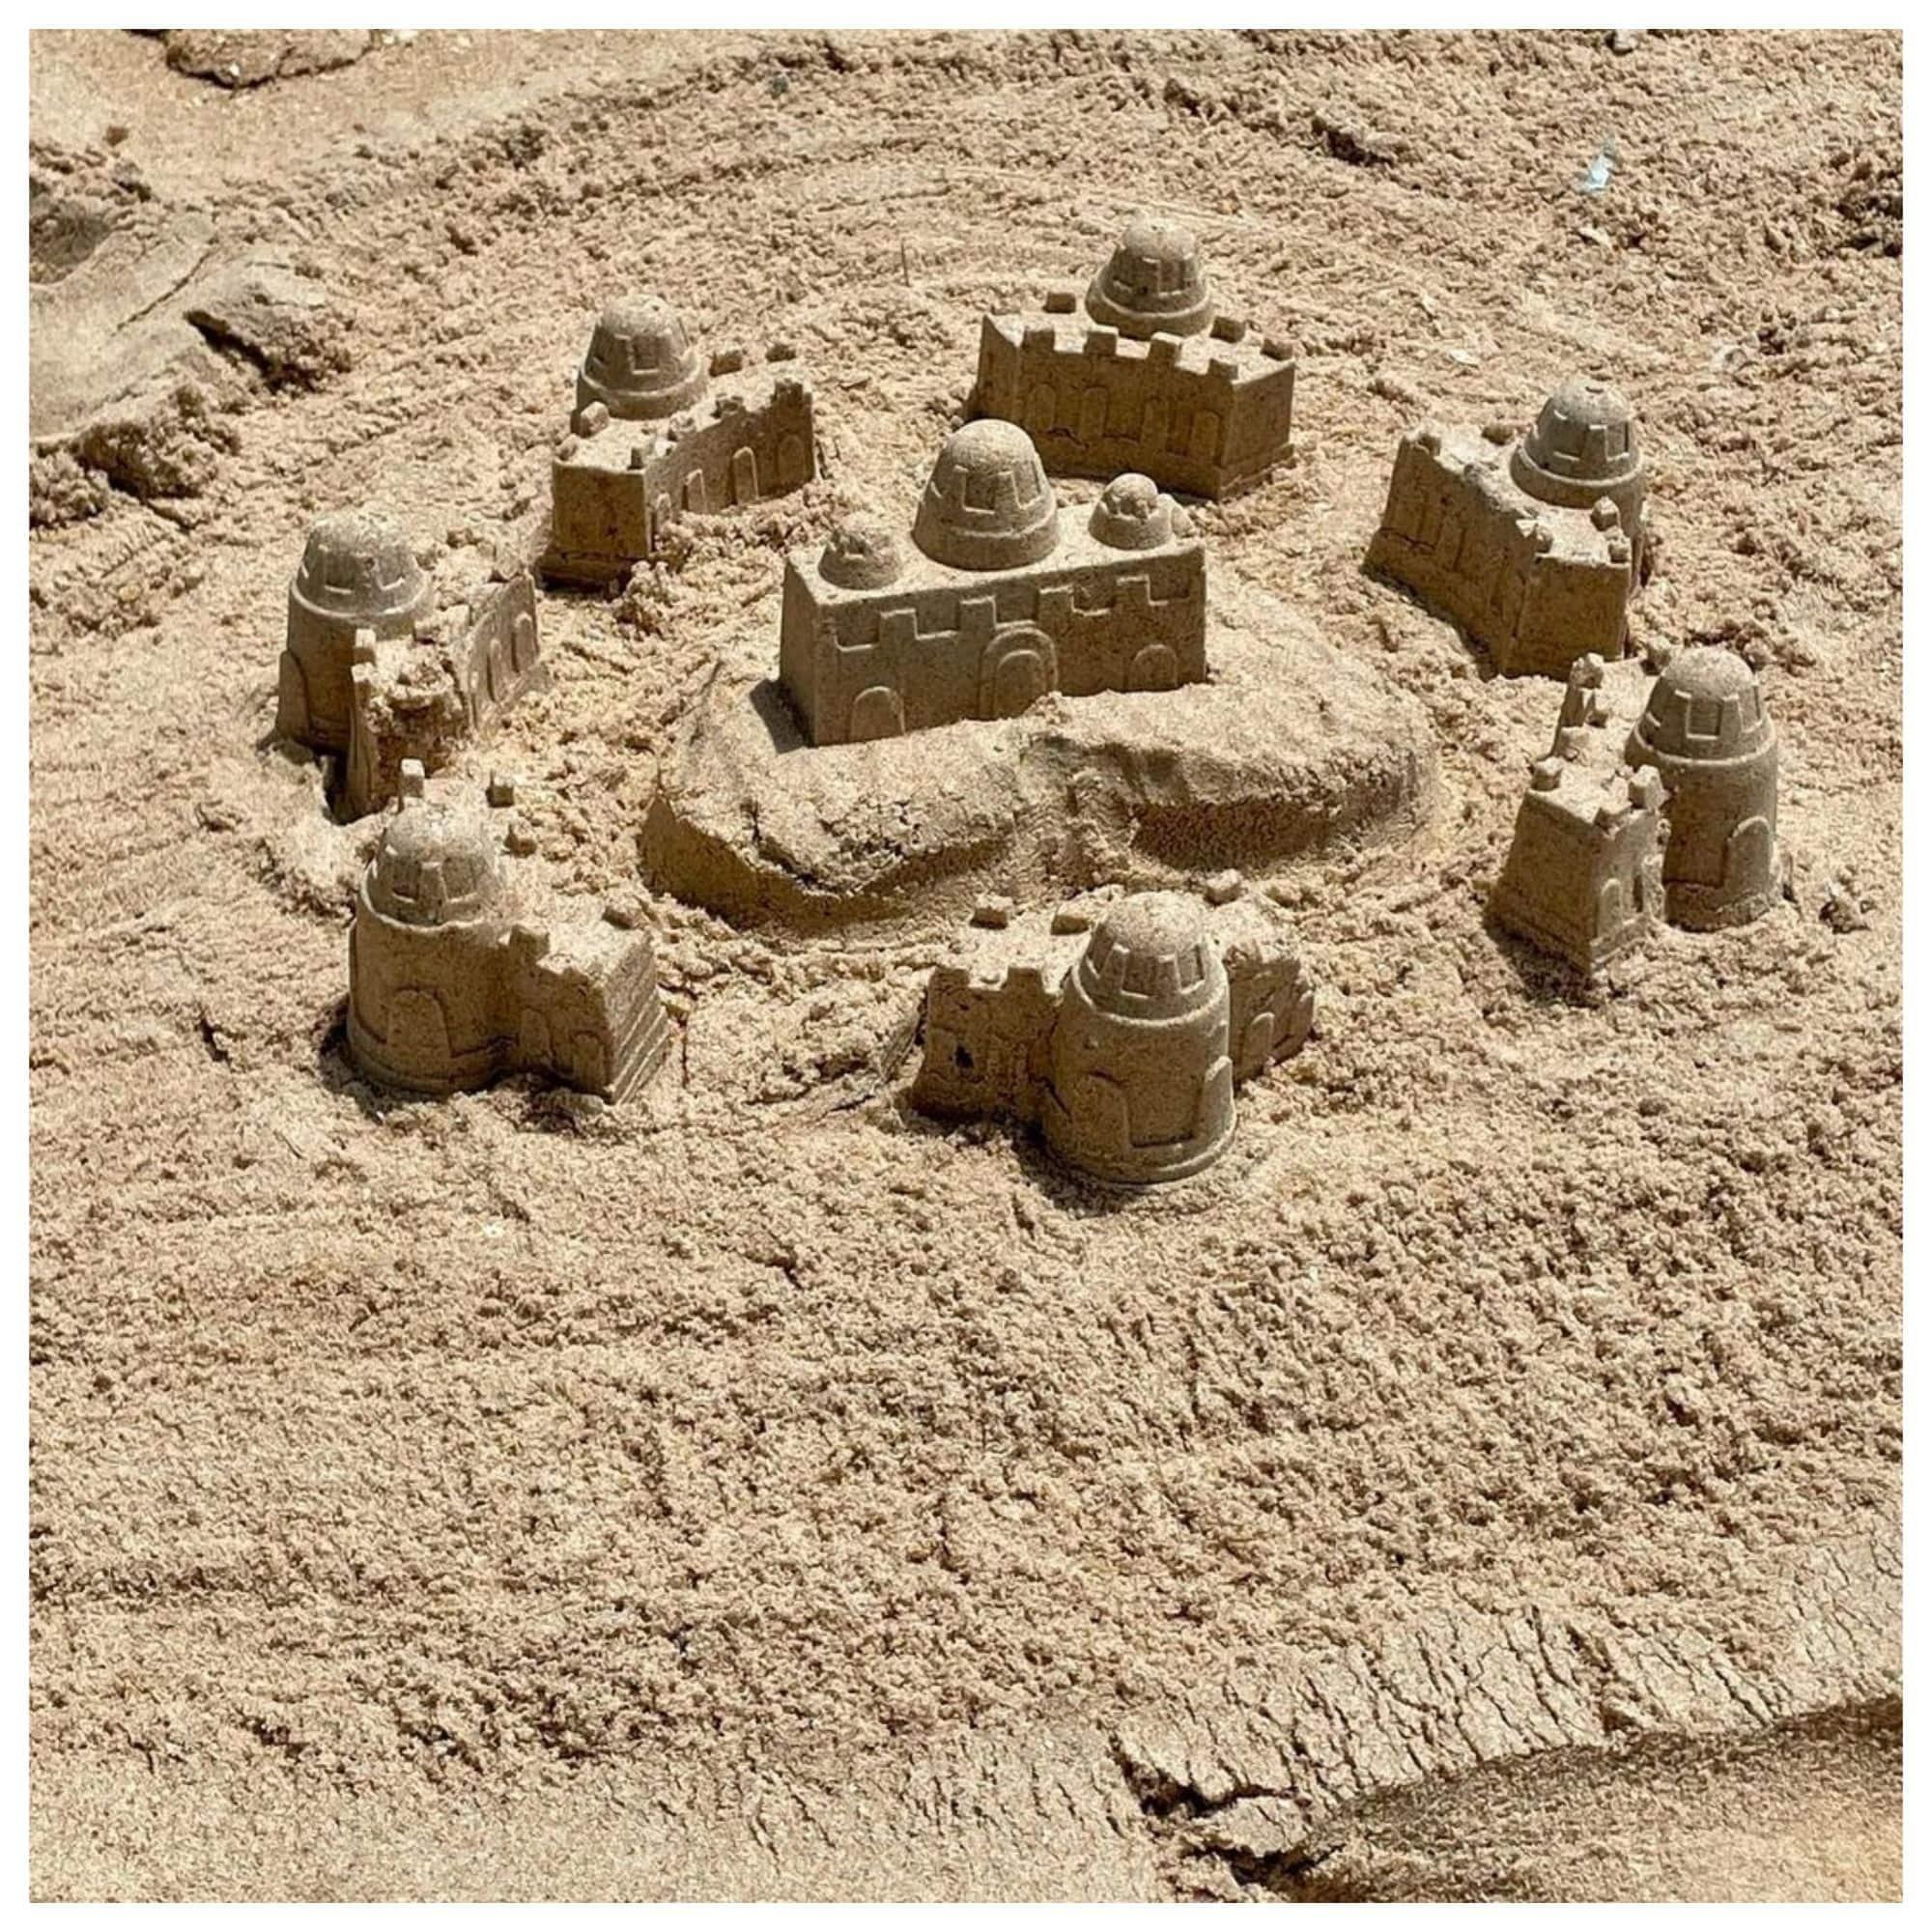 रेत से बनाया अपना साम्राज्य